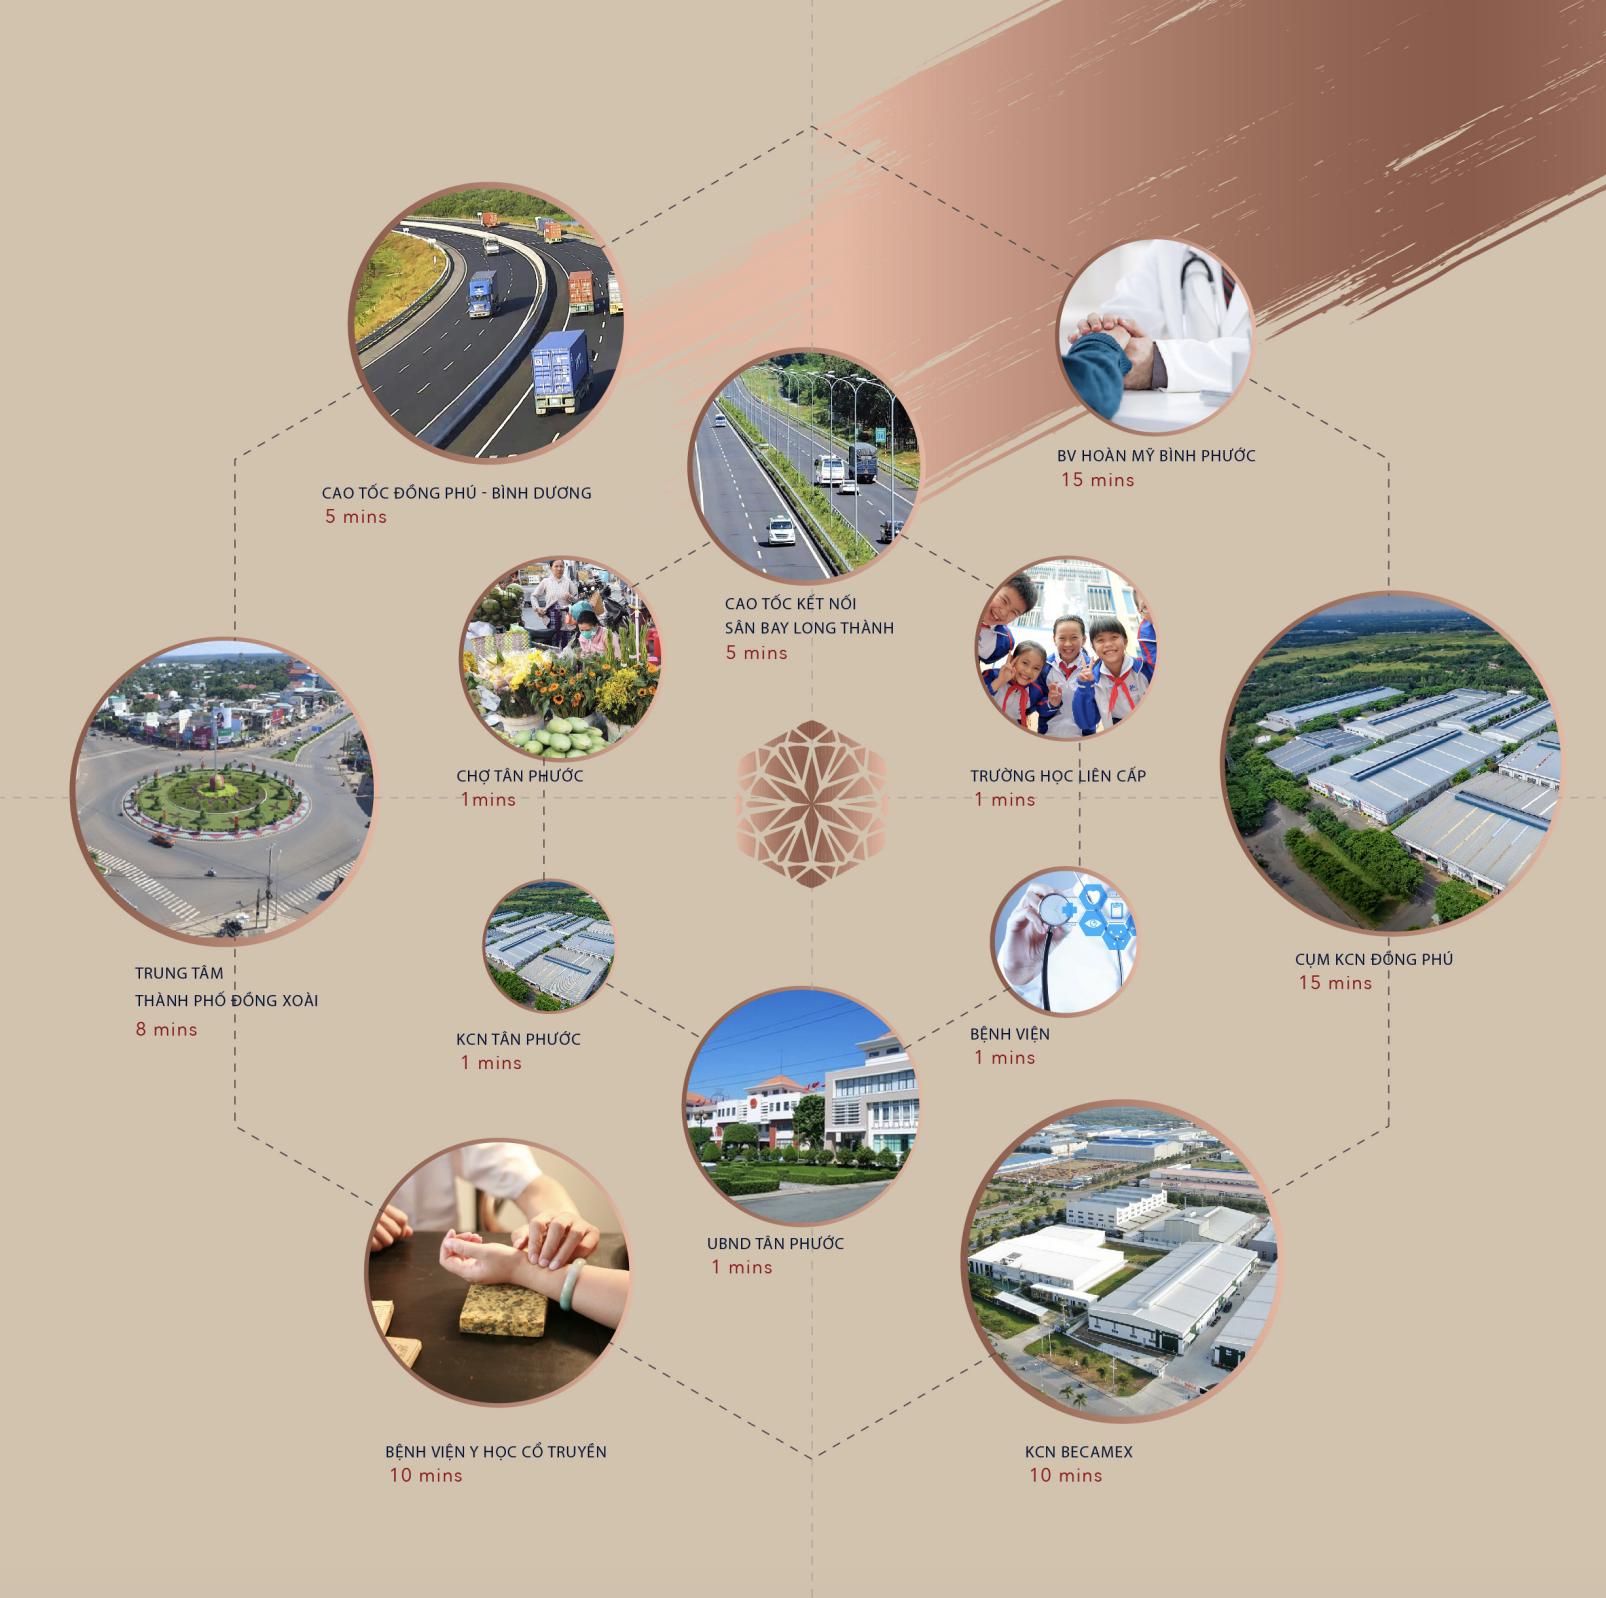 Liên kết vùng khu dân cư Prime City Bình Phước